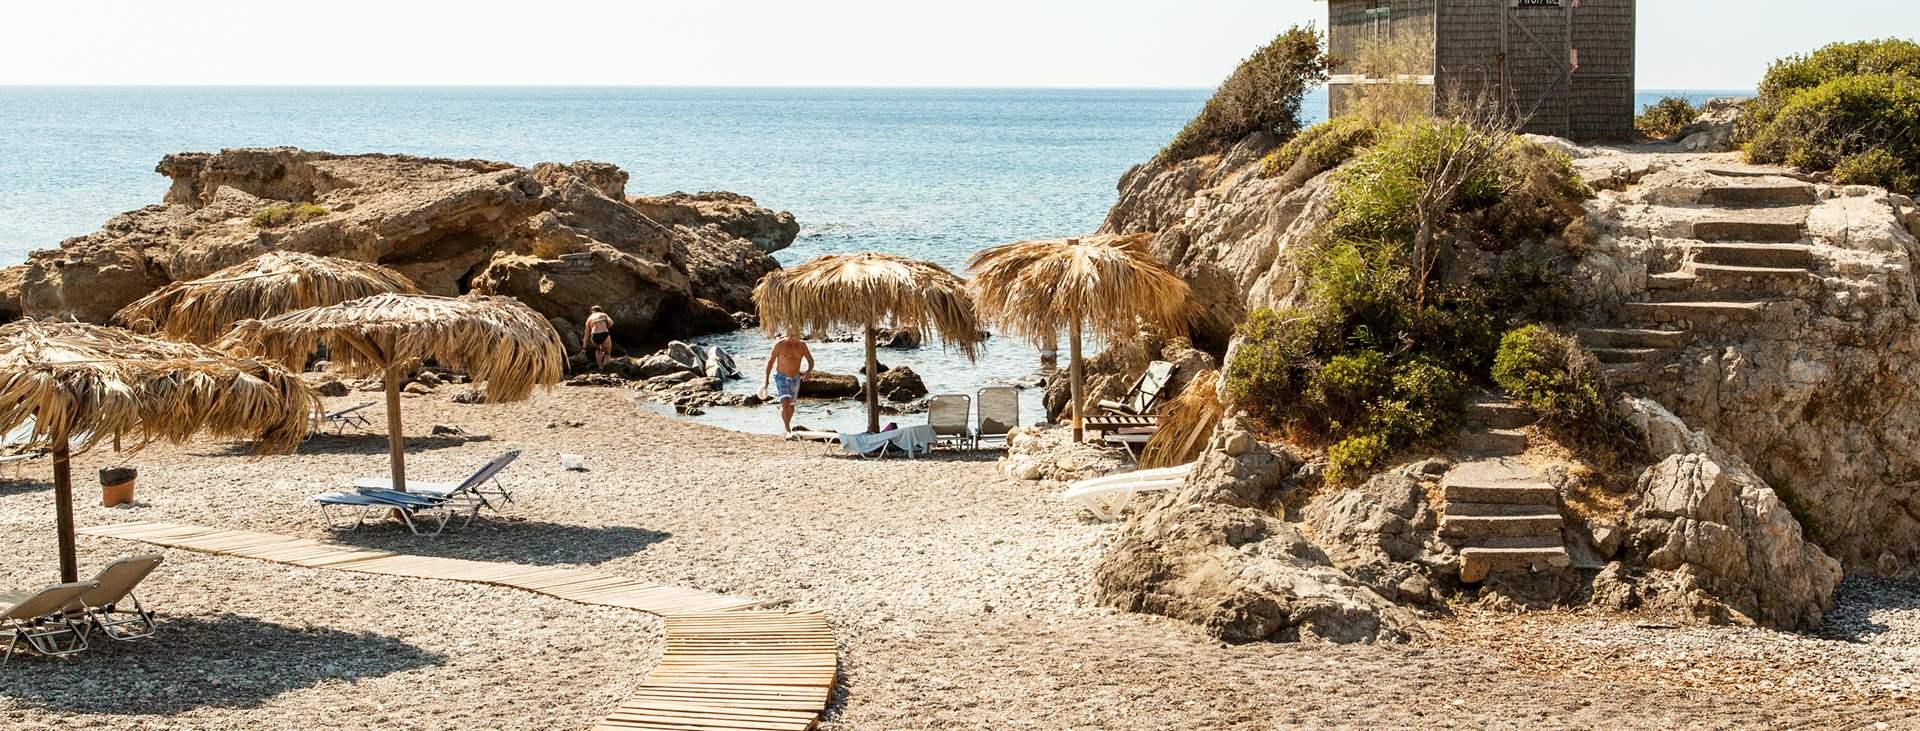 Bestill en reise med Ving til den greske øya Rhodos